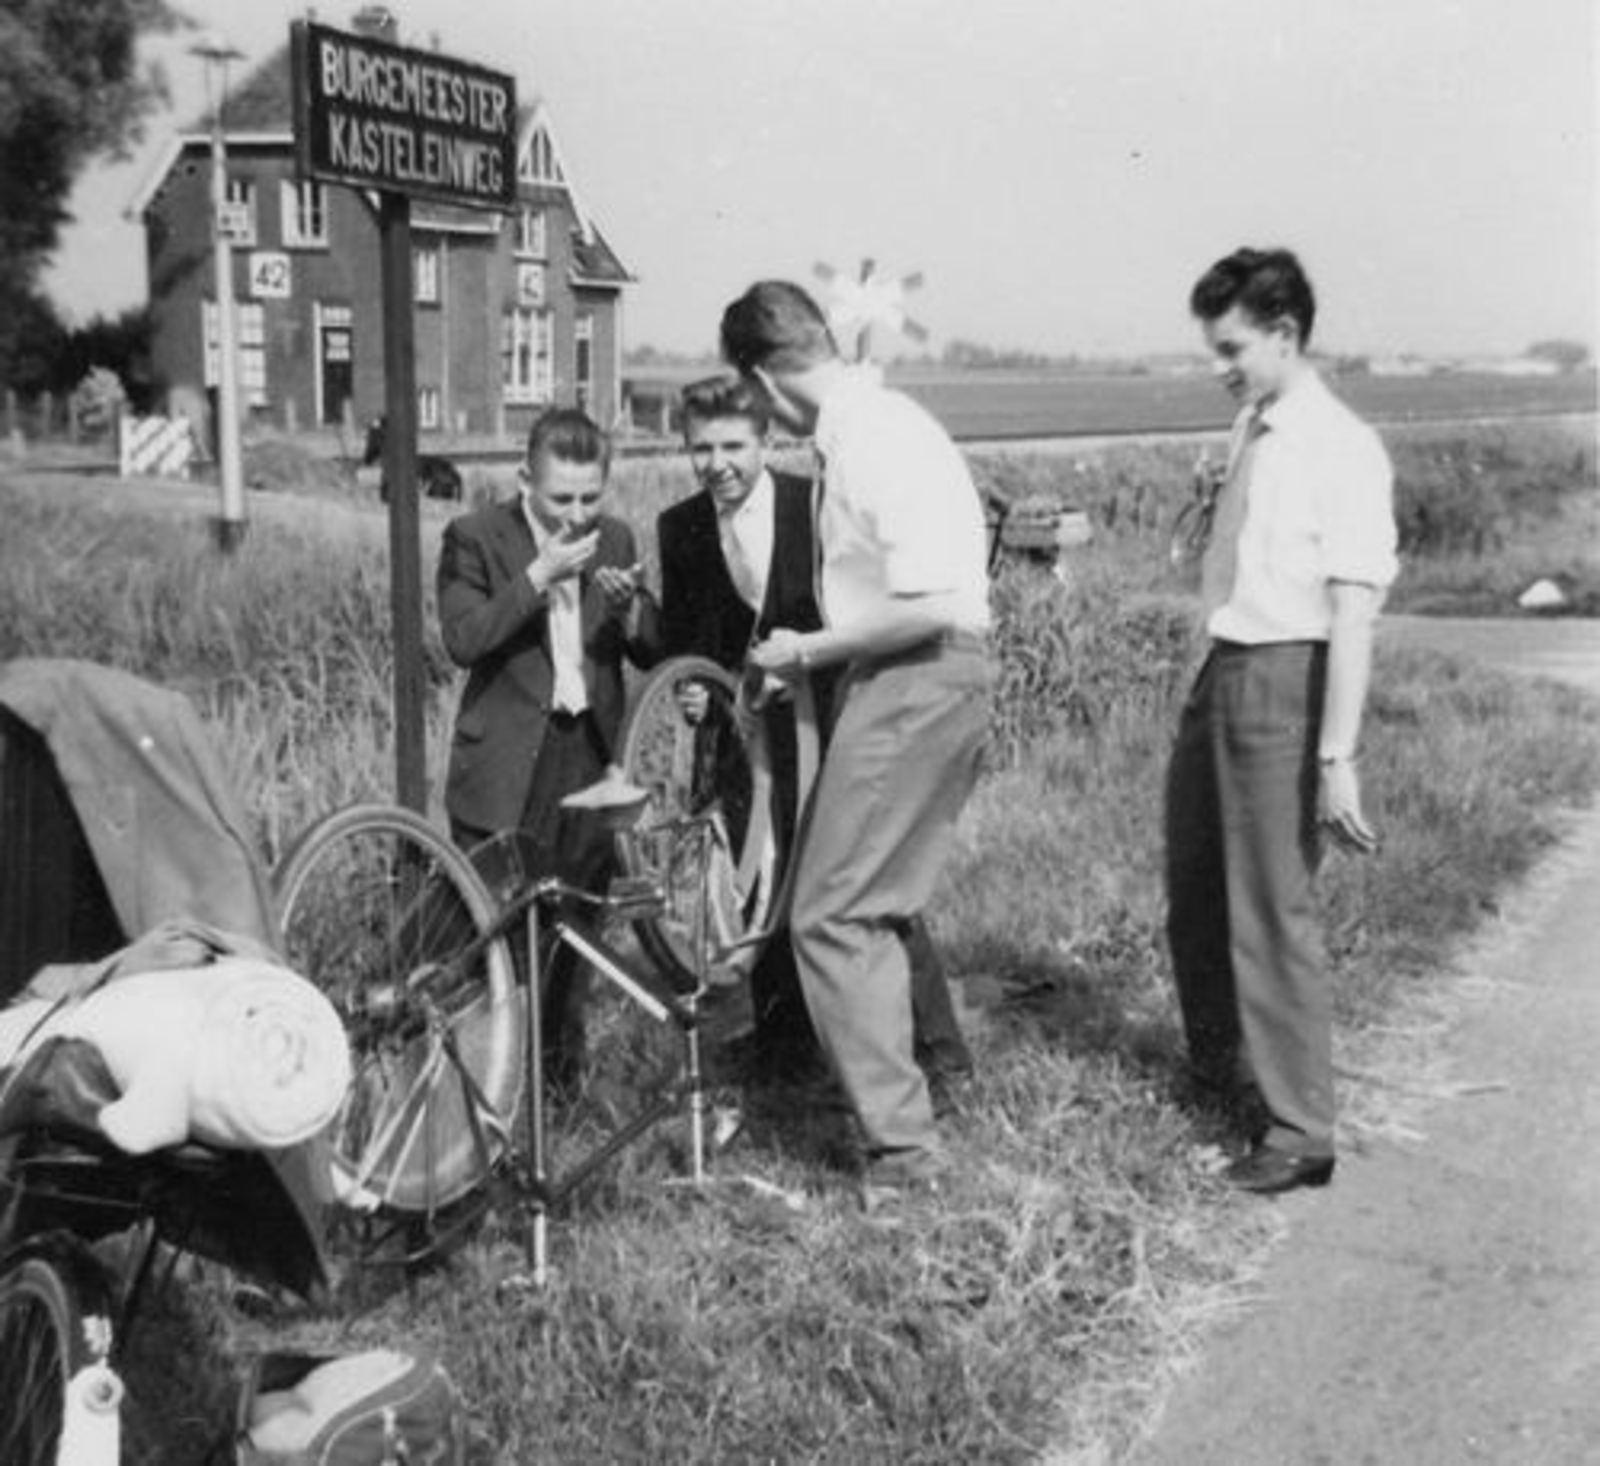 Koolbergen Aad 1957± Fietsweekend naar Laren